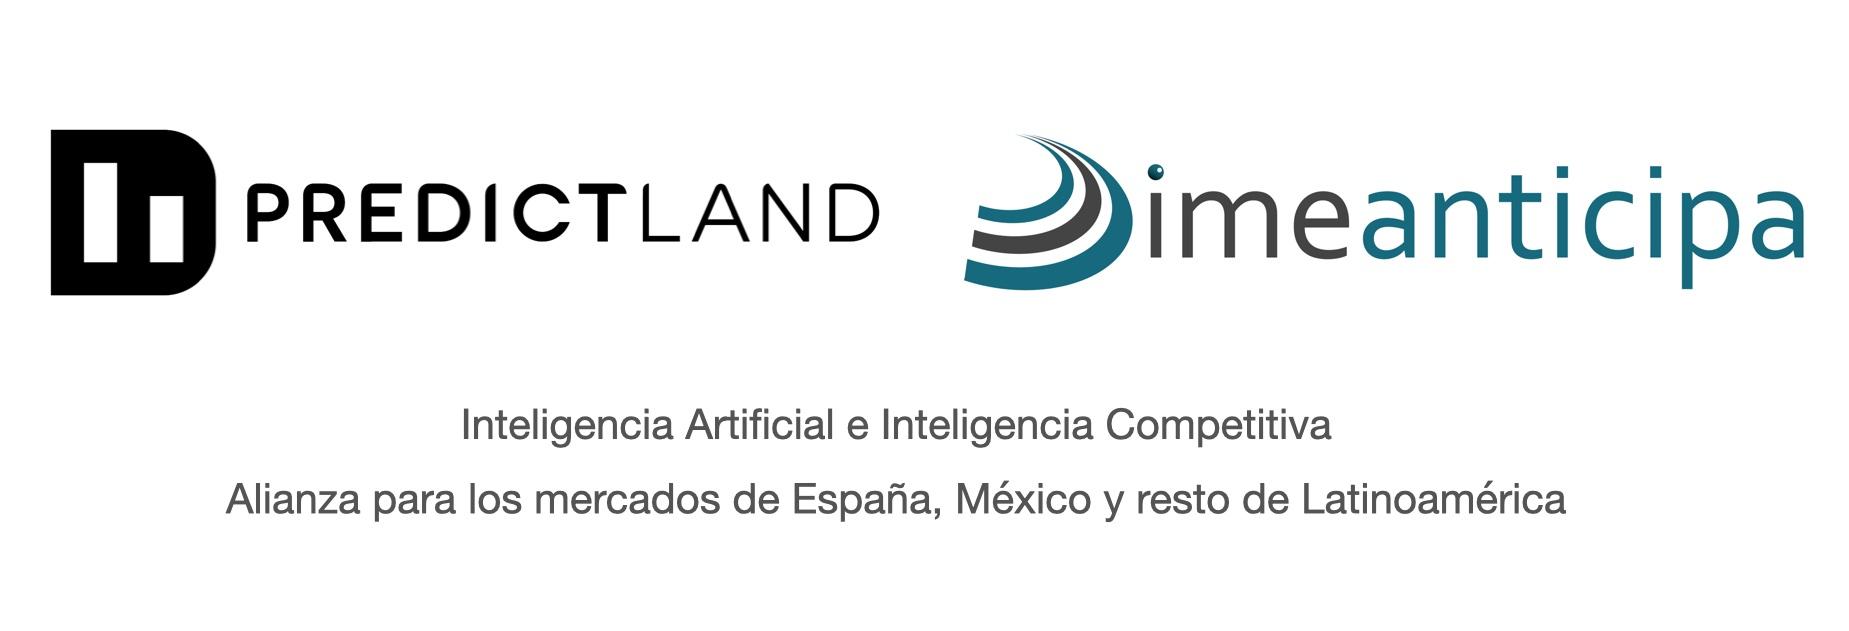 Inteligencia Artificial e Inteligencia Competitiva